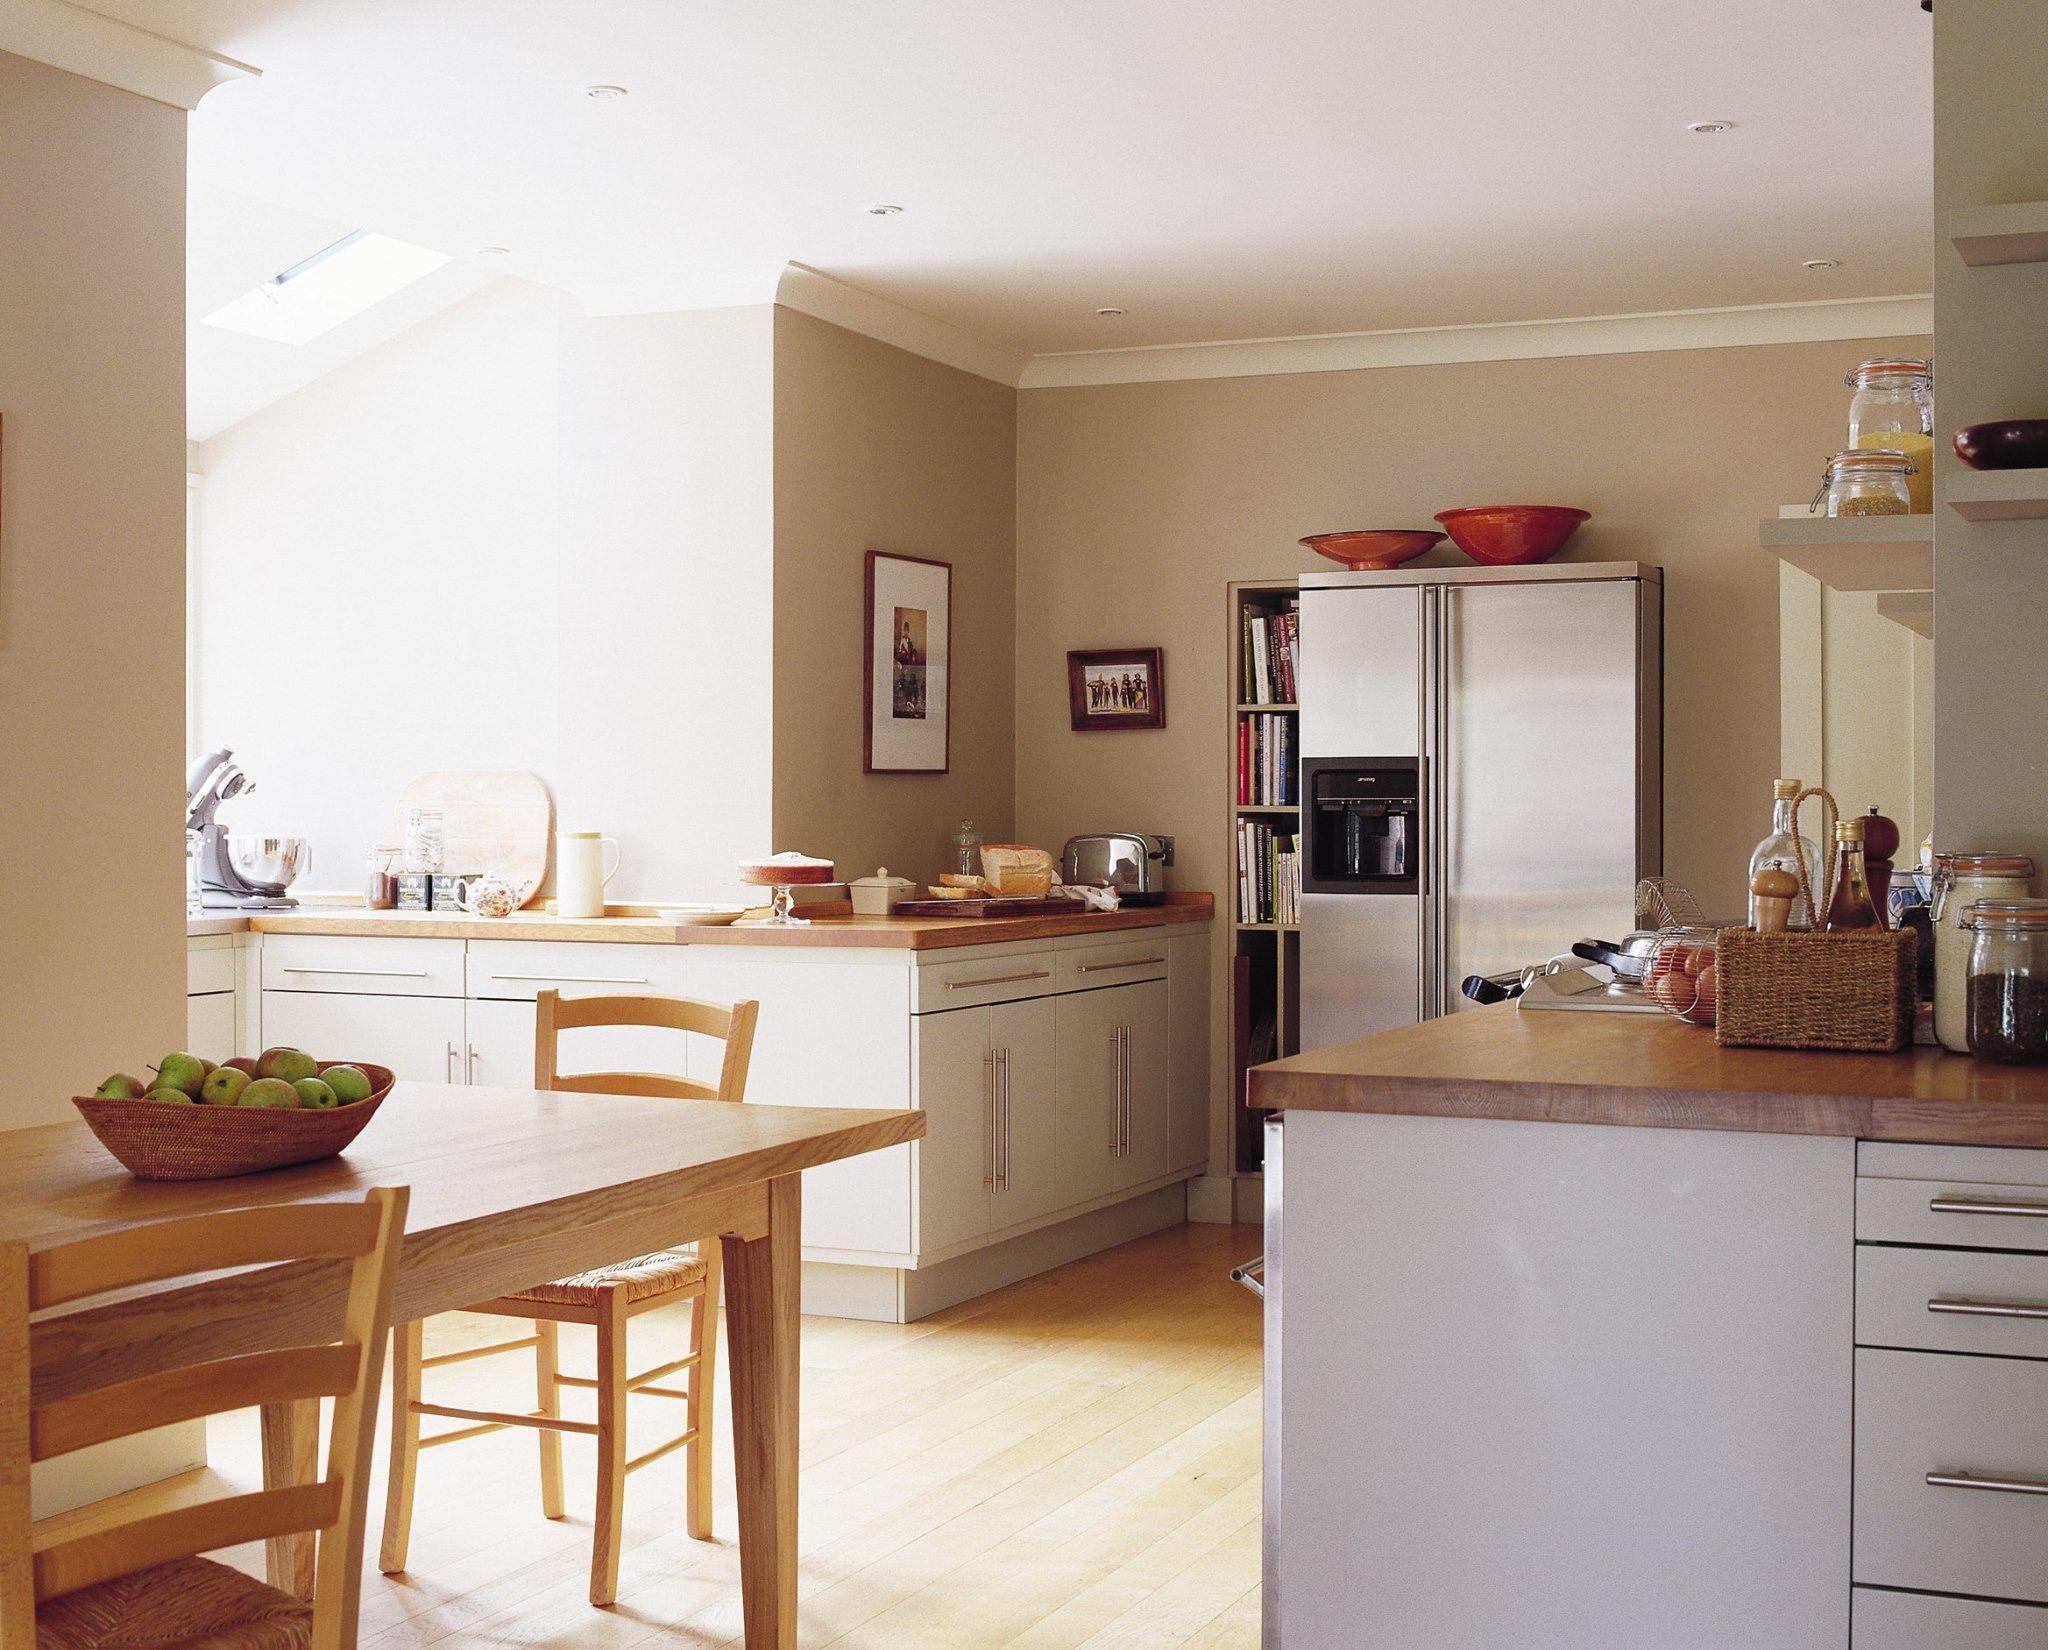 Pin de Cris Rey en Cocinas | Pinterest | Cocinas